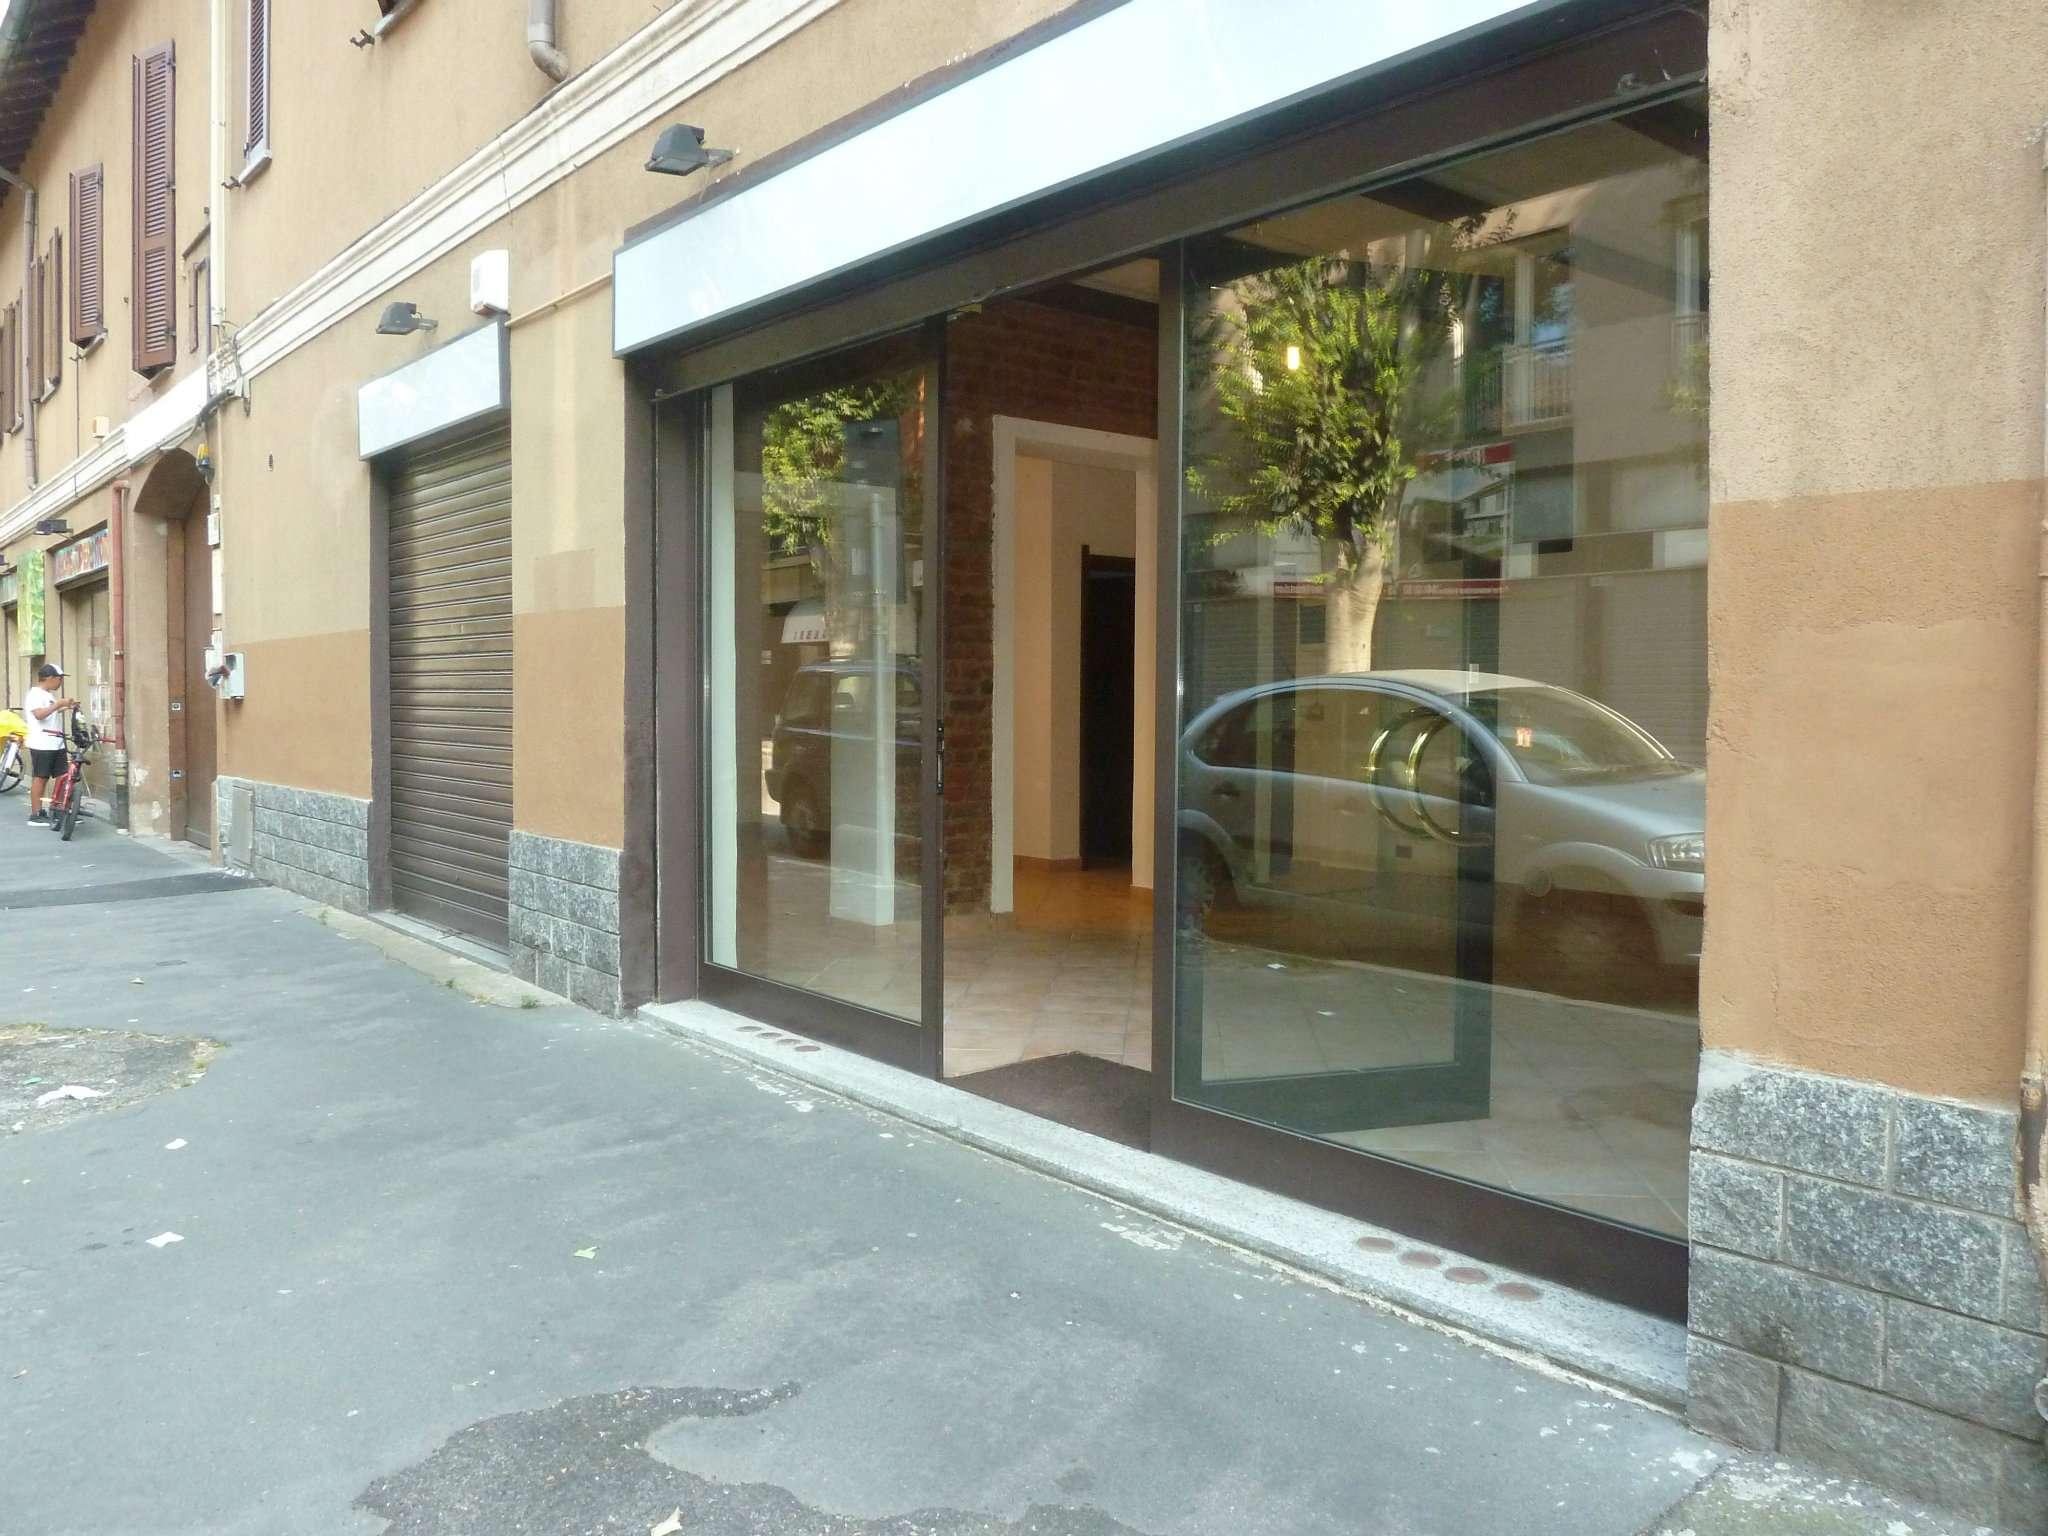 Negozio / Locale in vendita a Saronno, 2 locali, prezzo € 180.000 | PortaleAgenzieImmobiliari.it